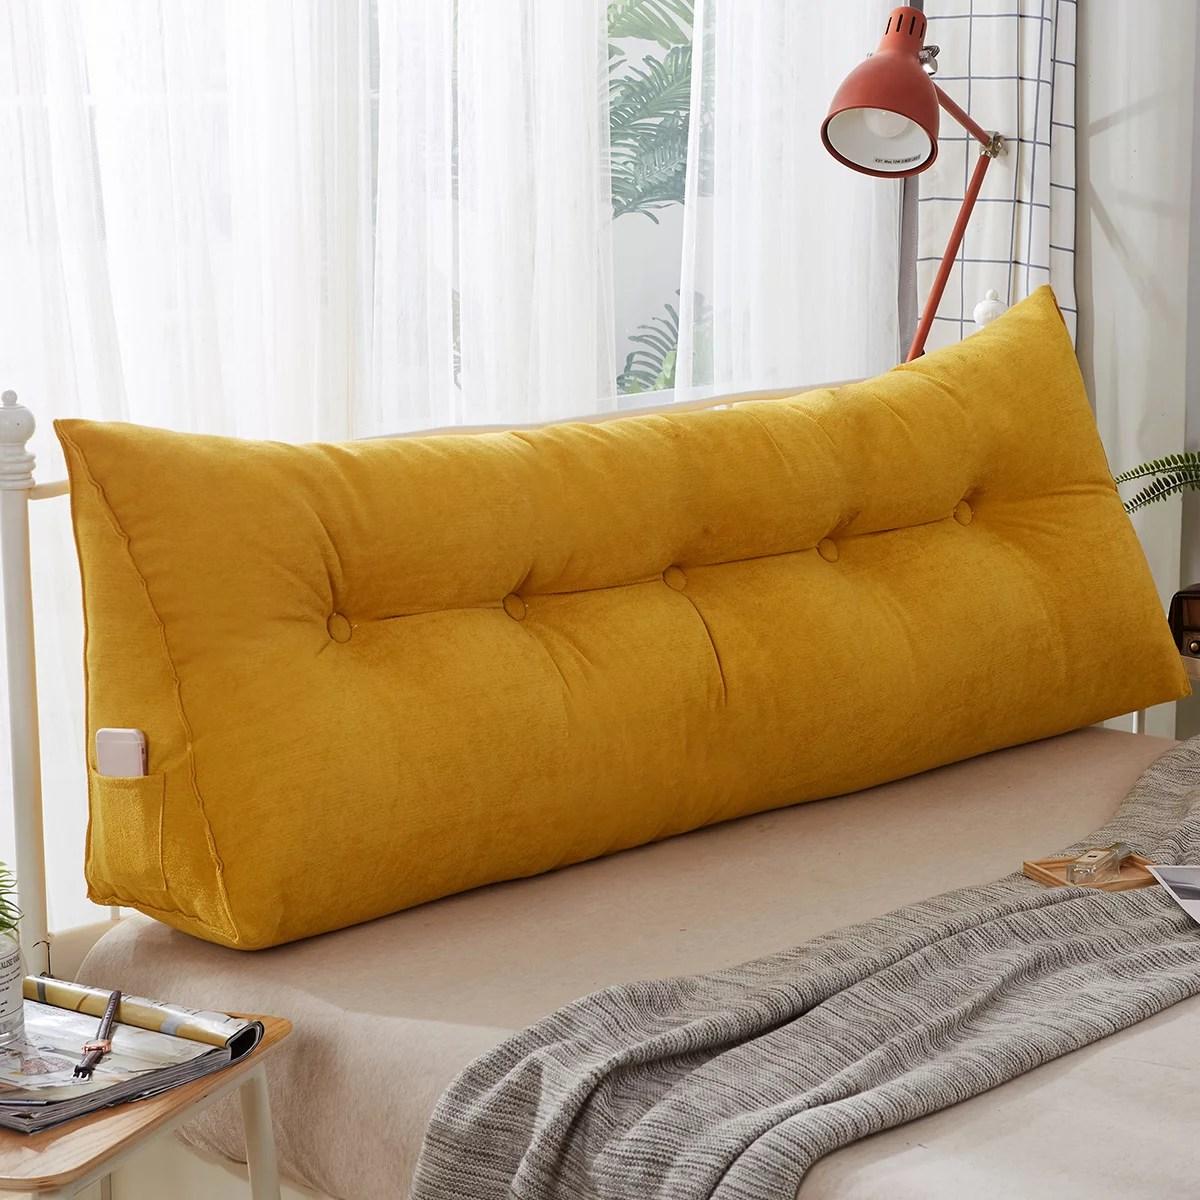 Sofa Cushion Bedside Pillow Wedge Triangular Pillow Bed Backrest Positioning Support Pillow Reading Pillow Office Lumbar Pad For Support Head Waist Walmart Com Walmart Com